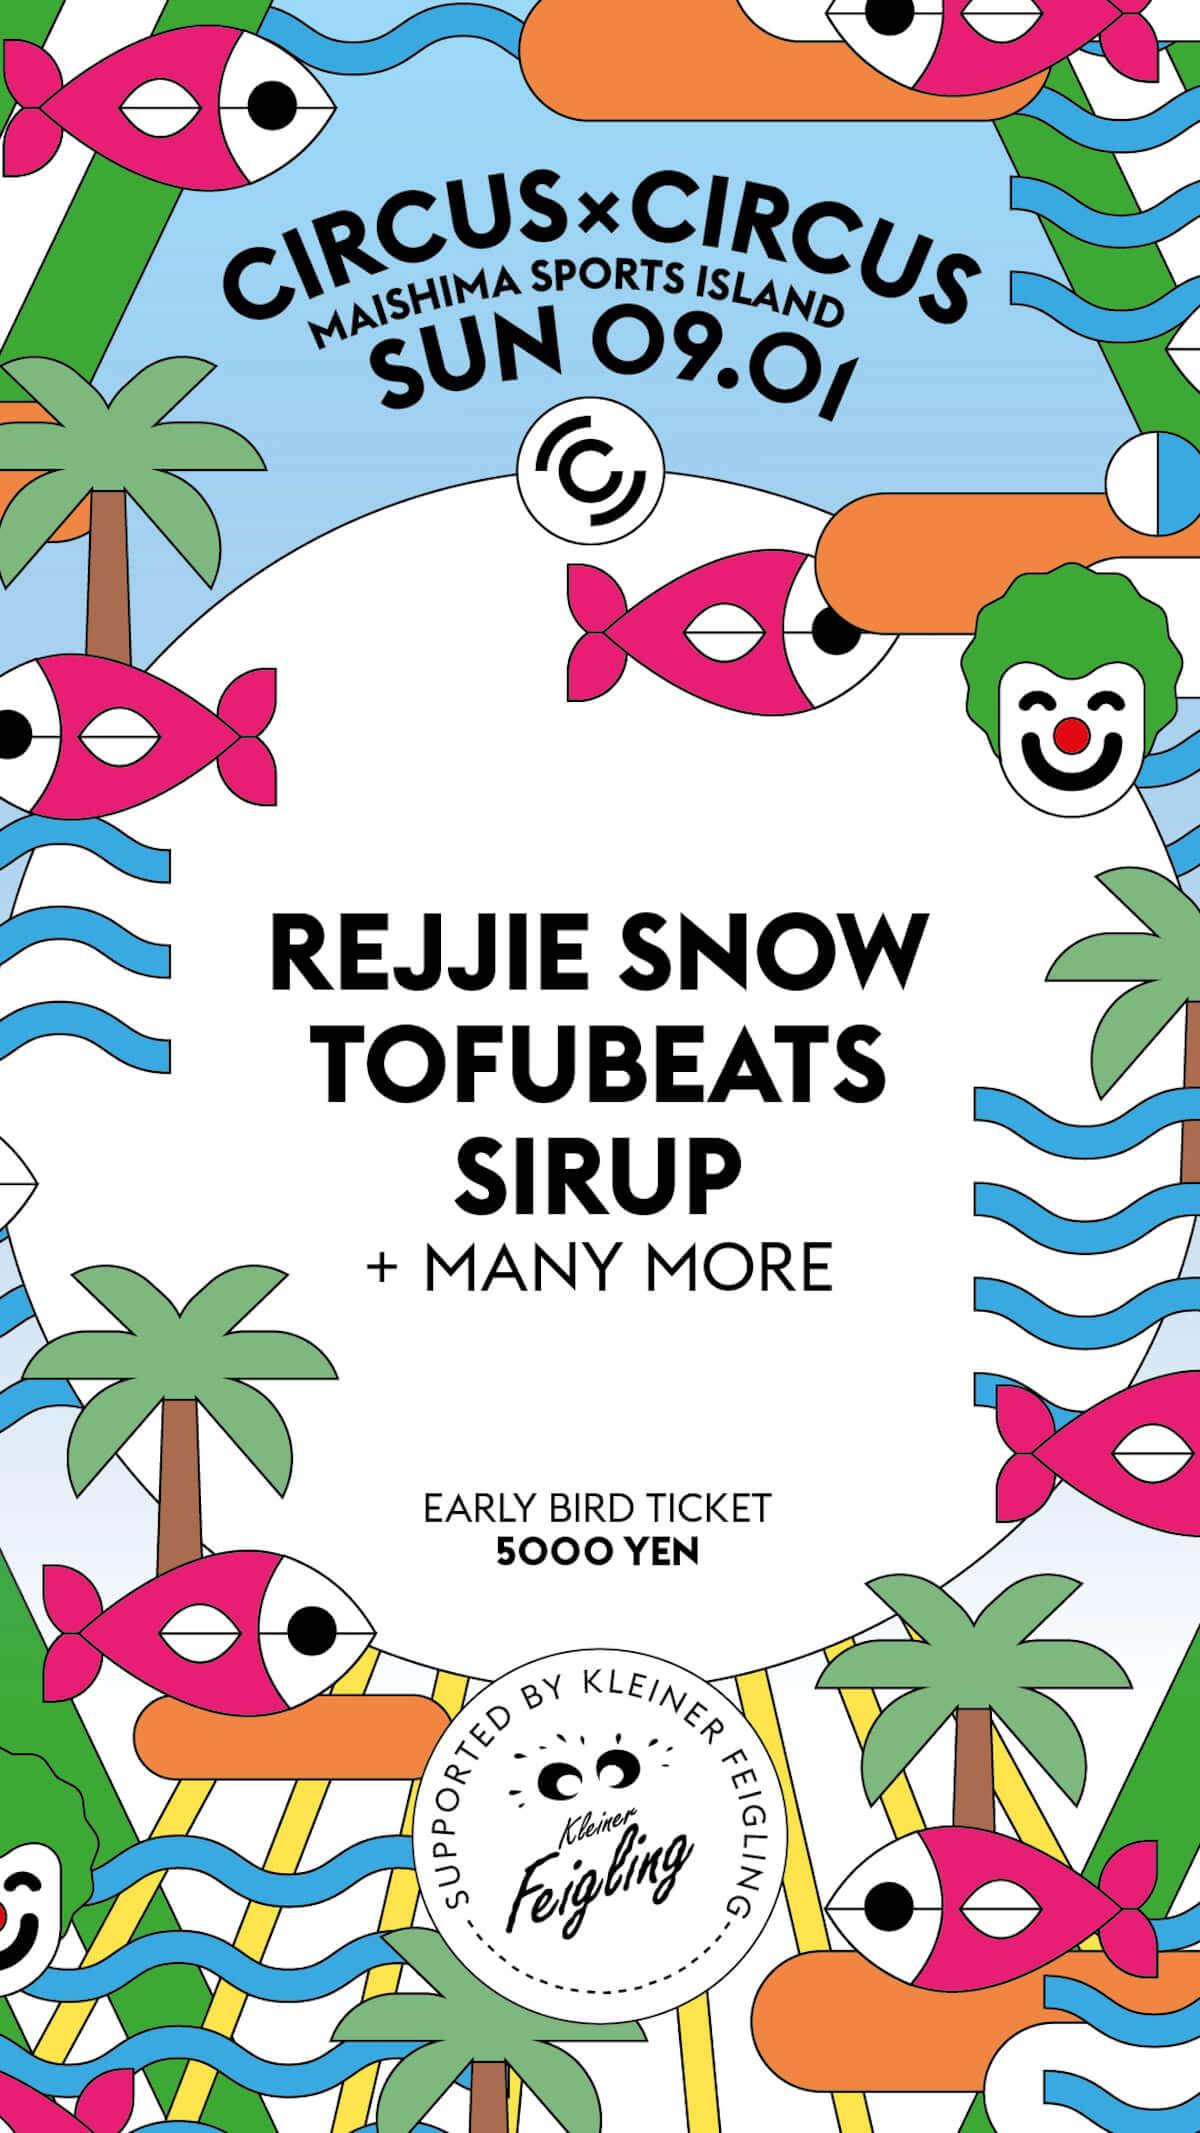 大阪・舞洲にて野外フェス<CIRCUS × CIRCUS>の開催が決定!Rejjie Snow、tofubeats、SIRUP出演 music190422_circuscircus_3-1200x2133